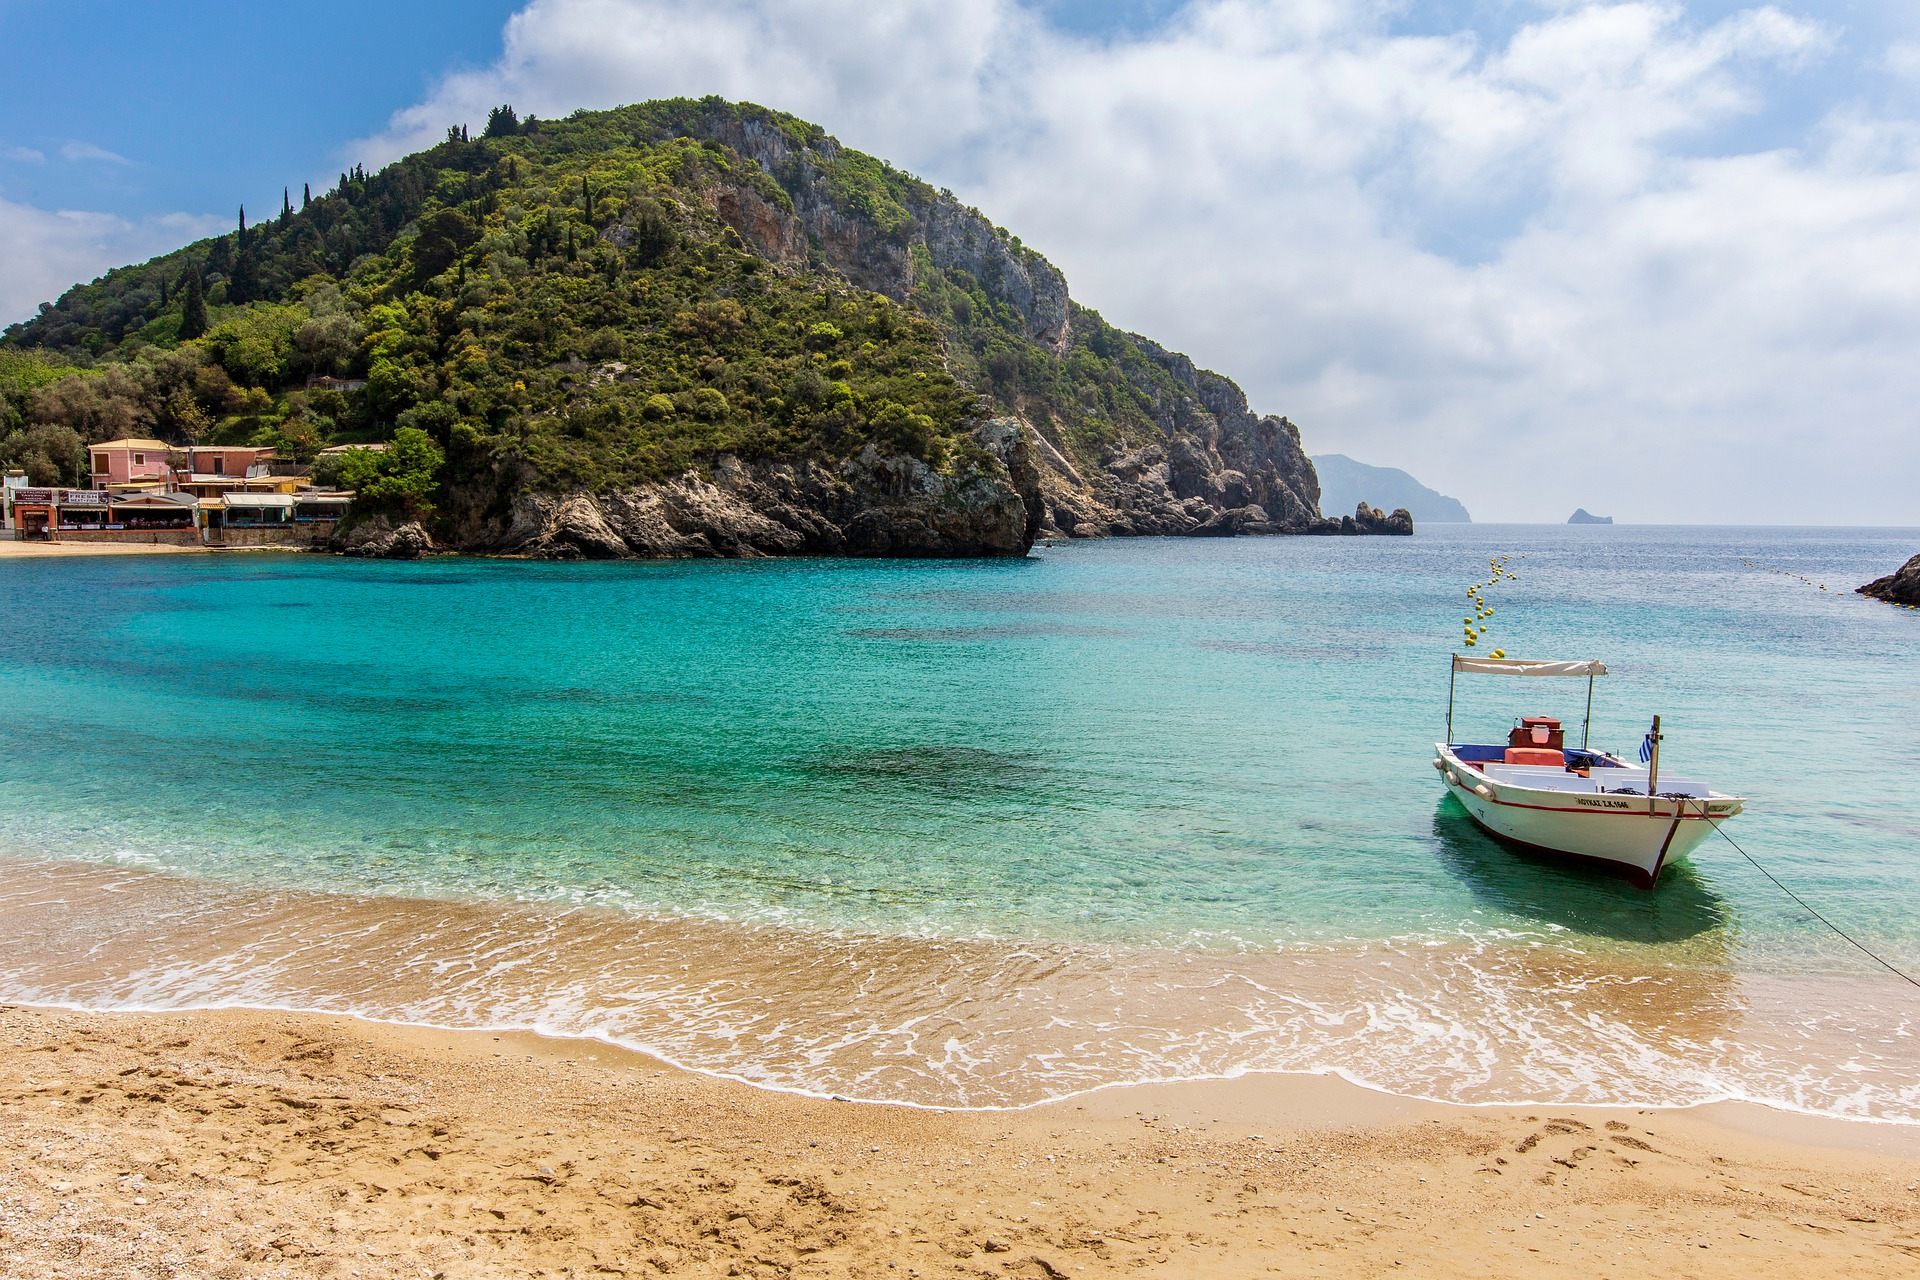 Квиток до теплого моря: кращі країни для комфортної відпустки в червні